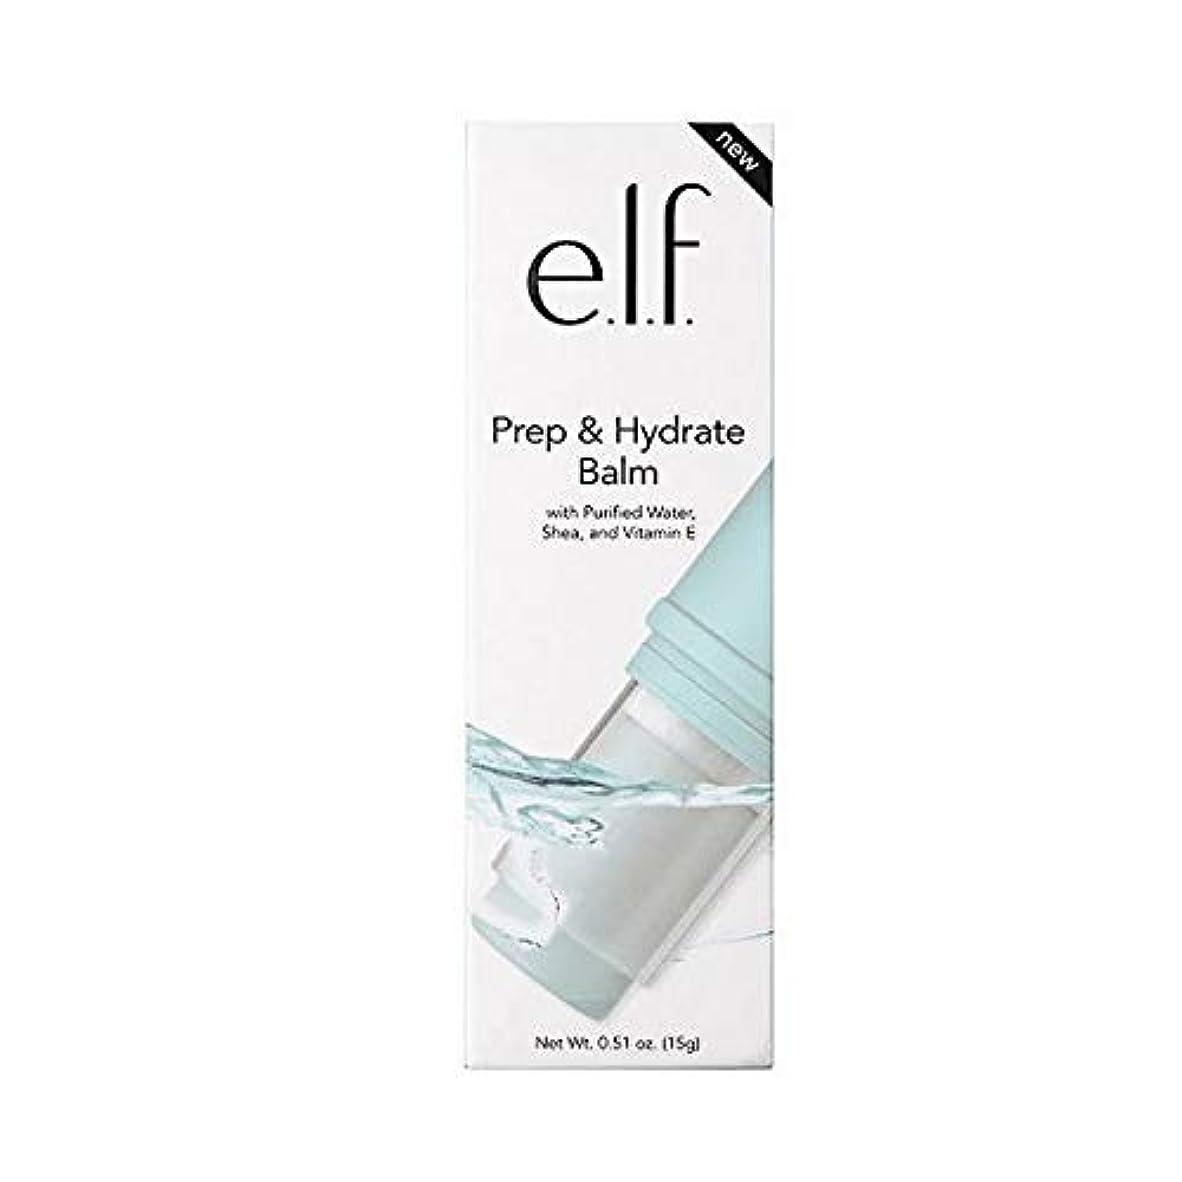 フェリー対処する泥棒[Elf ] エルフ。予備校&ハイドレートクリーム - e.l.f. Prep & Hydrate Balm [並行輸入品]